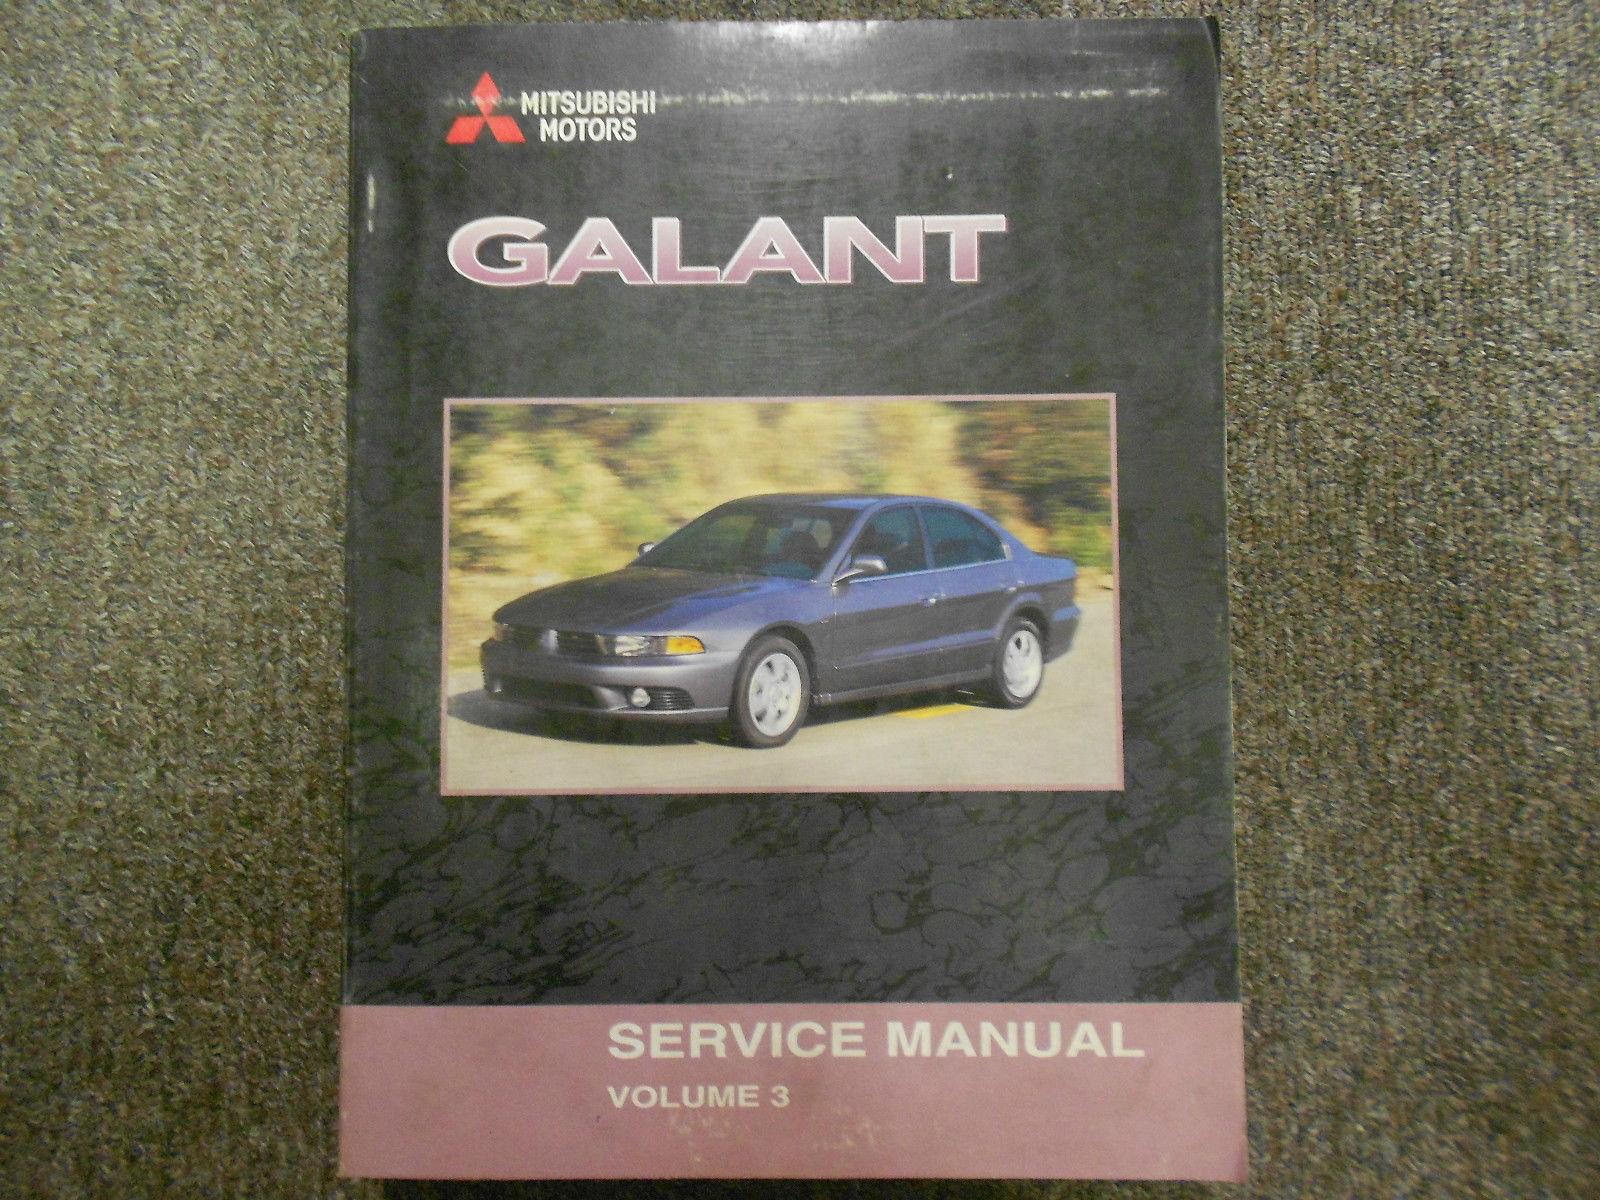 2002 mitsubishi galant service repair shop and similar items rh bonanza com 2011 Mitsubishi Galant Service Manual 2003 Mitsubishi Galant Wiring-Diagram